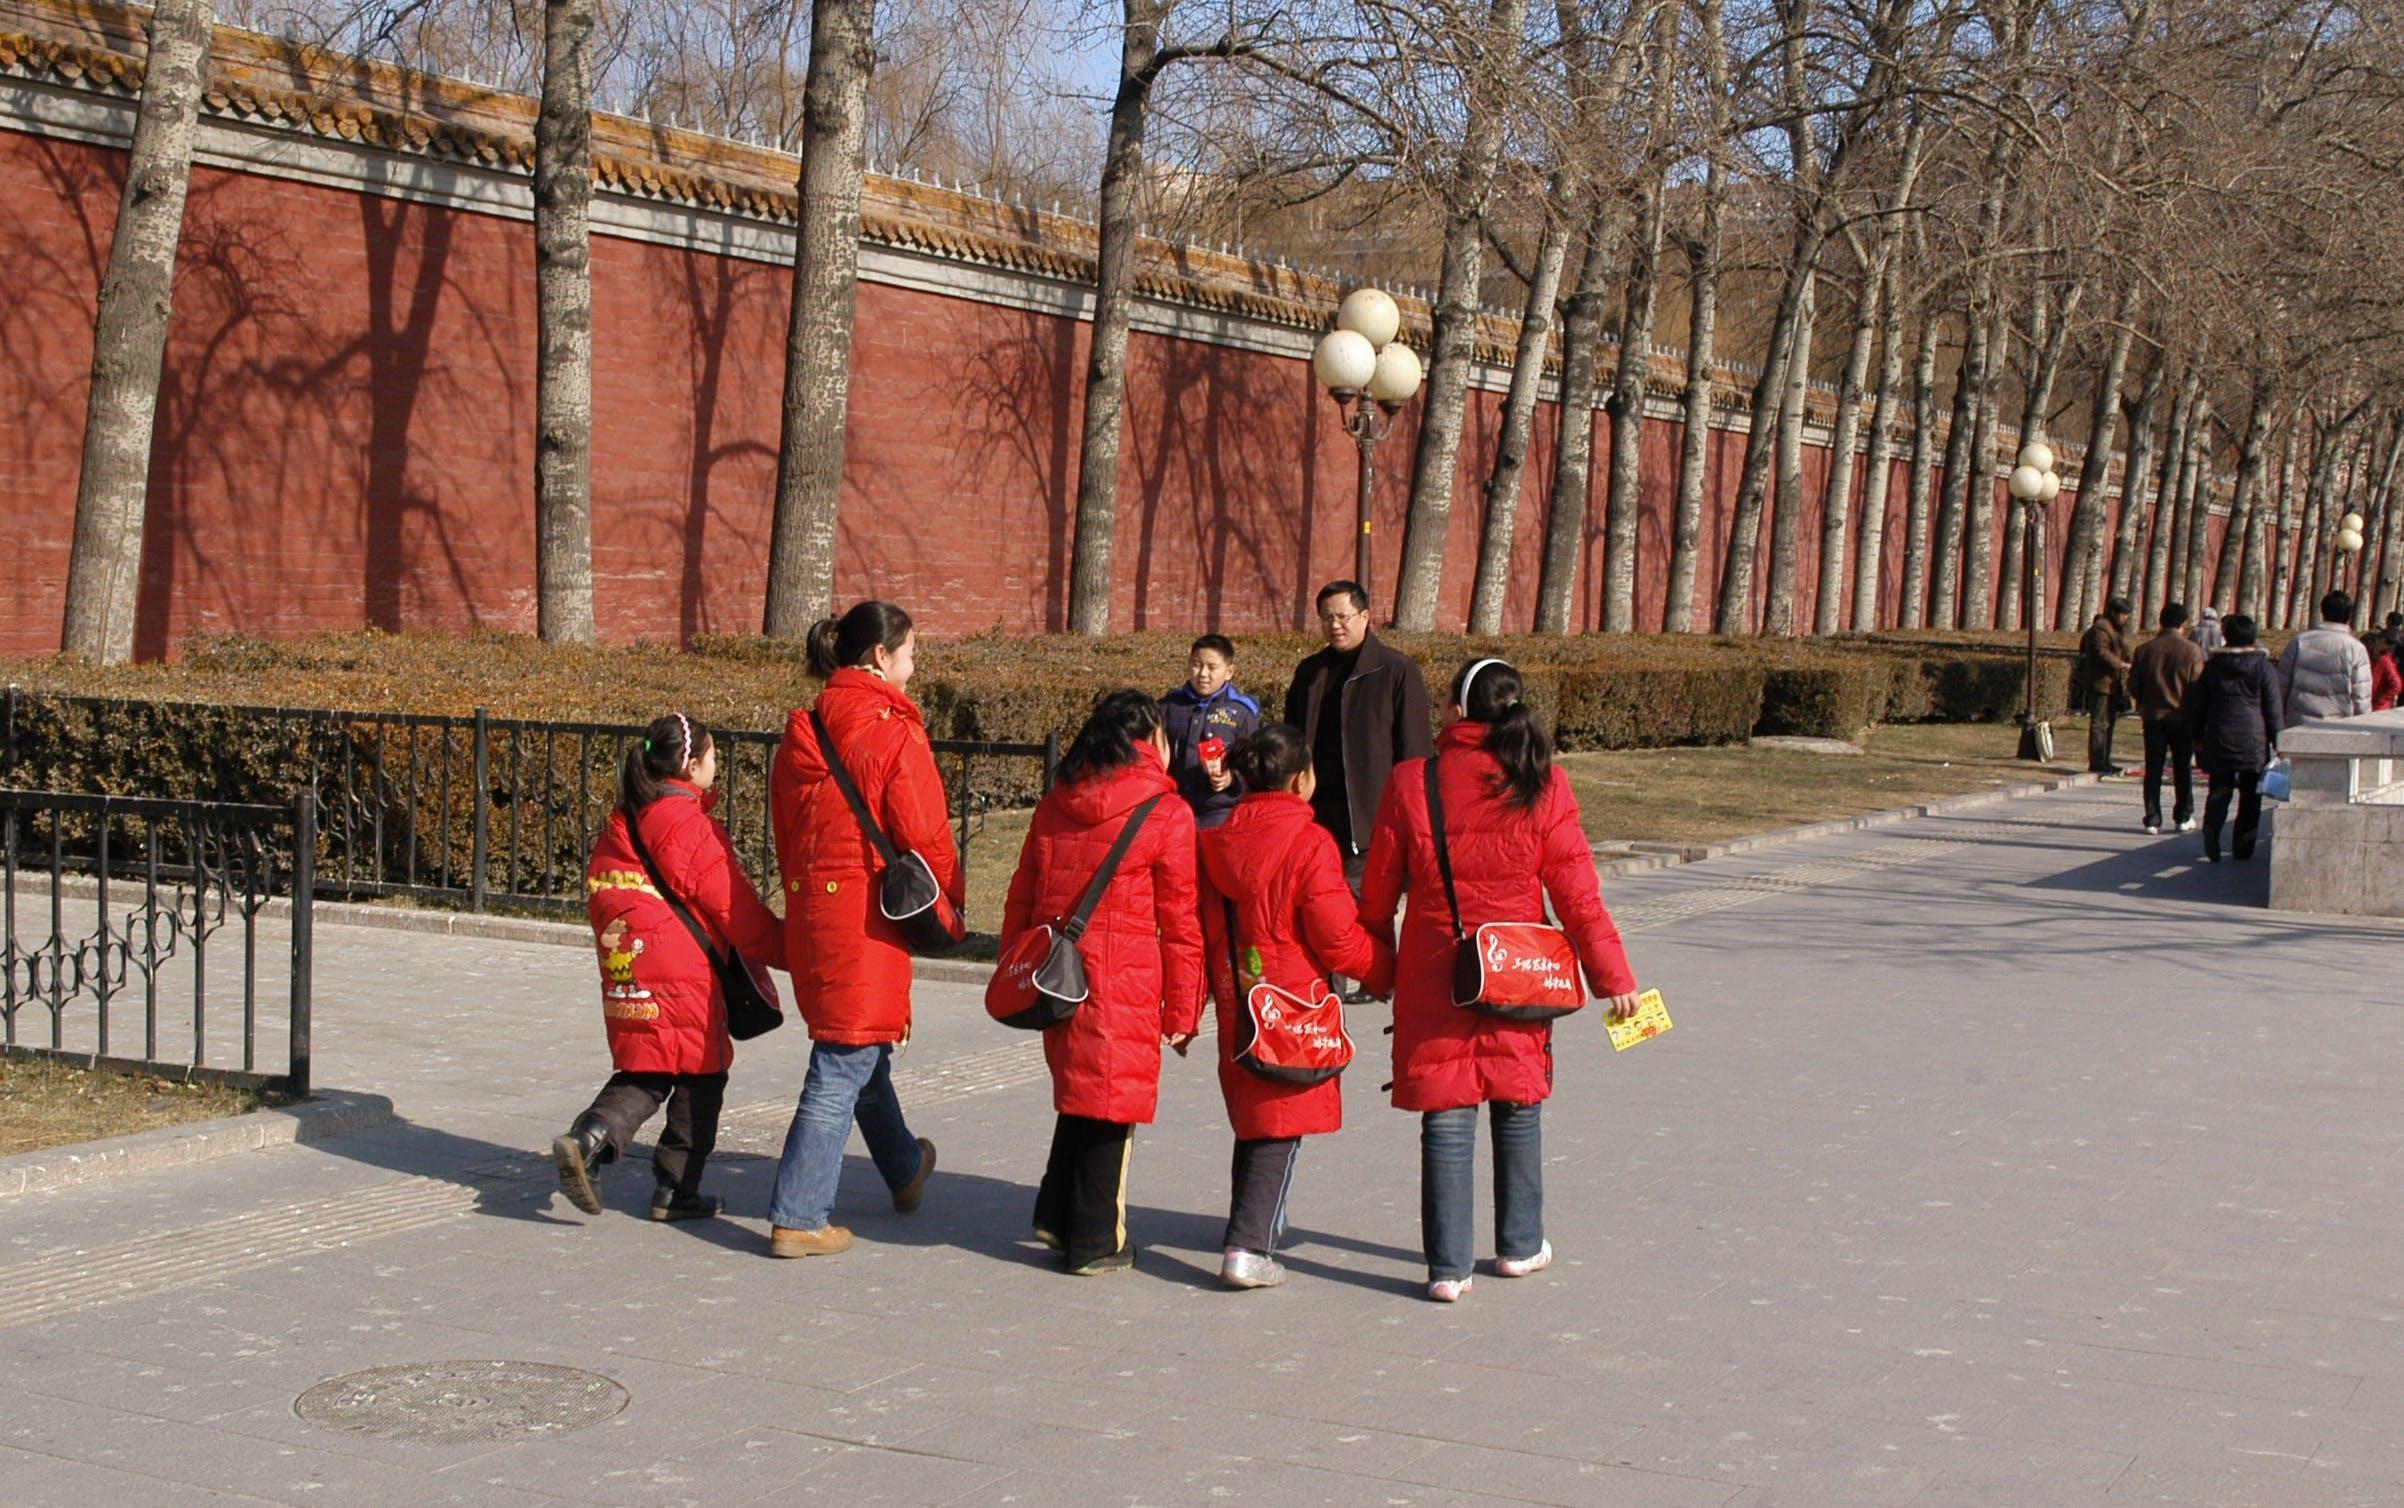 Free stock photo of red, street, walking, jacket